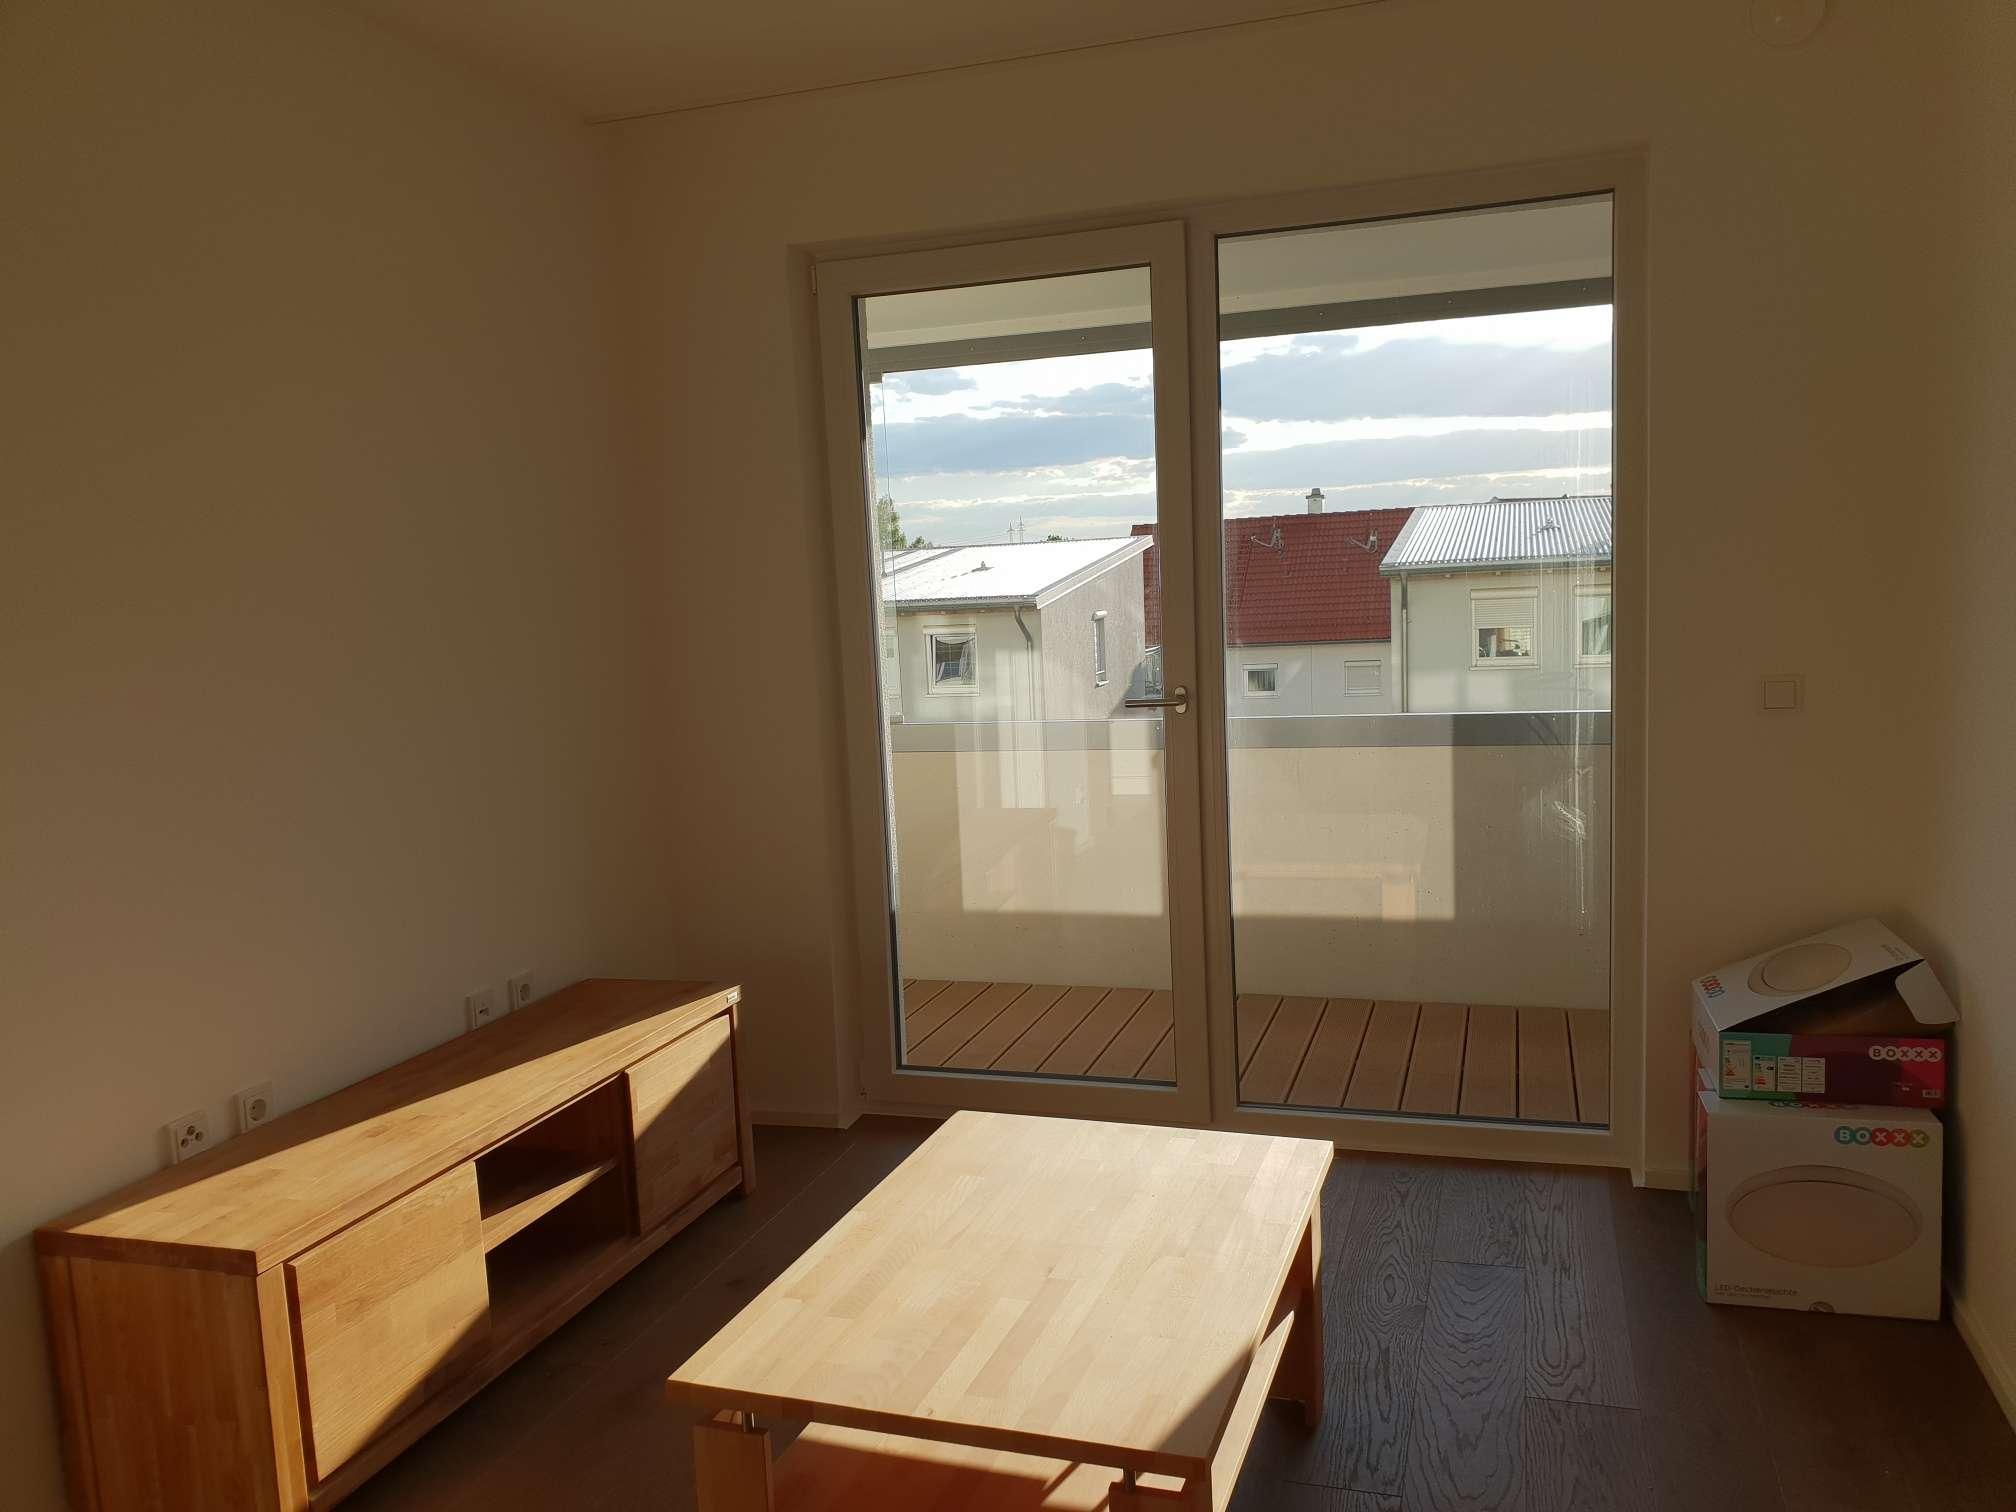 Brandneue, möblierte Wohnung in Markt Schwaben, in direkter Nähe zur S-Bahn